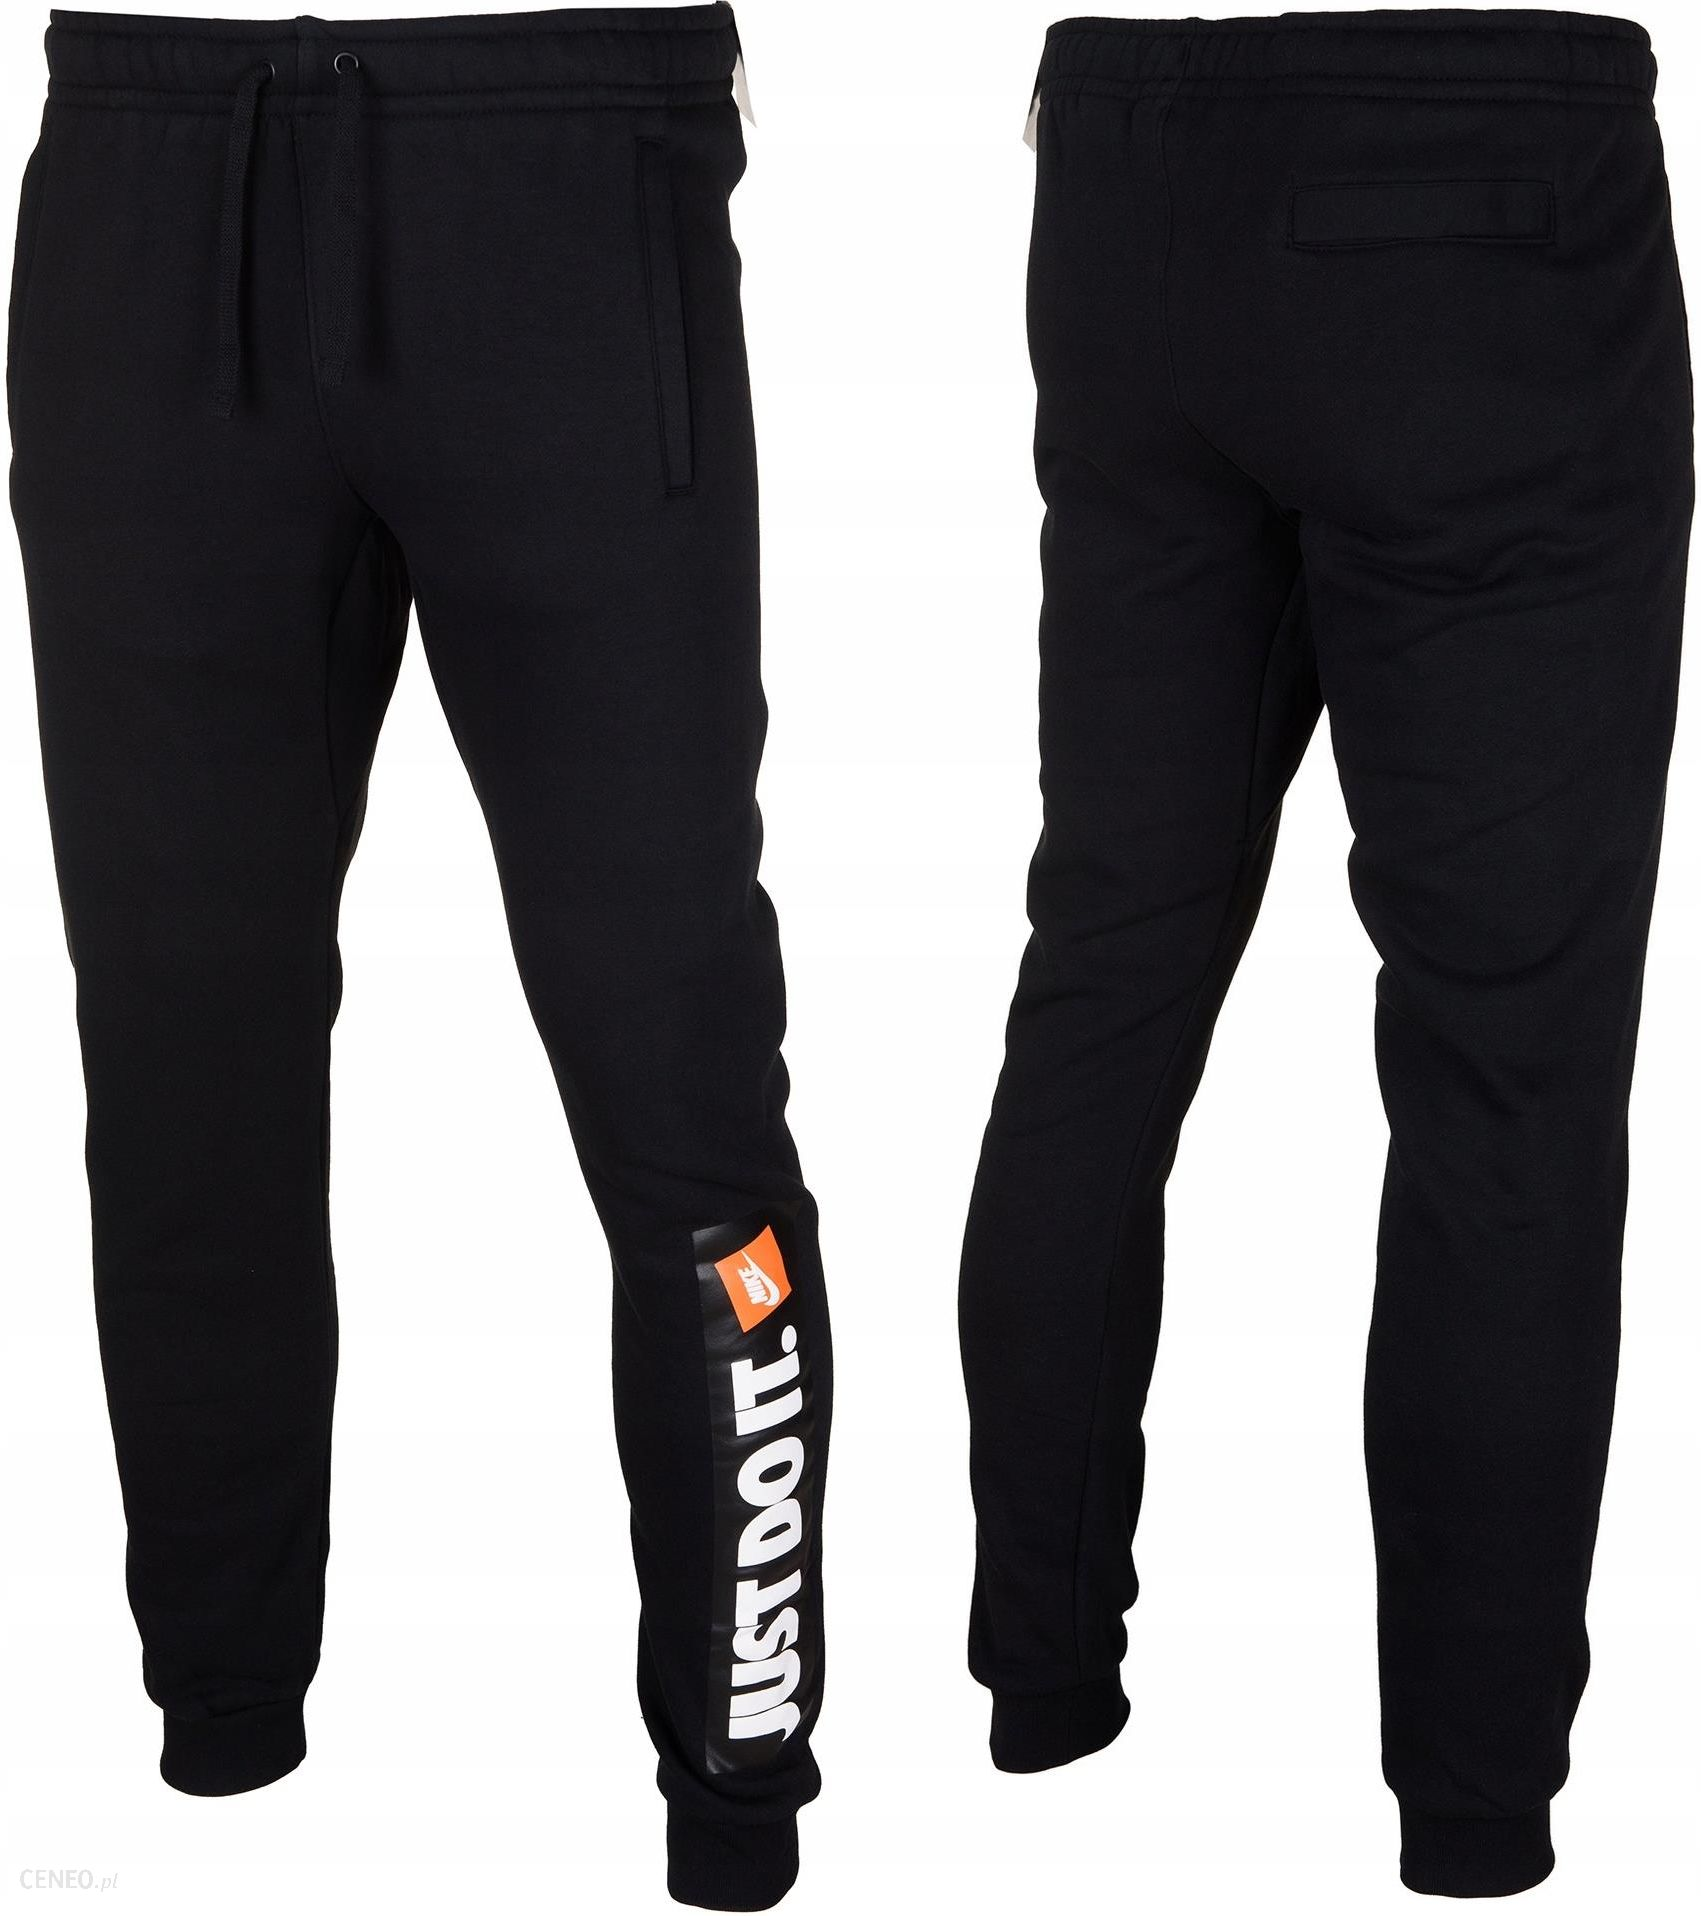 Nike spodnie dresowe Damskie Just Do It roz.L Ceny i opinie Ceneo.pl